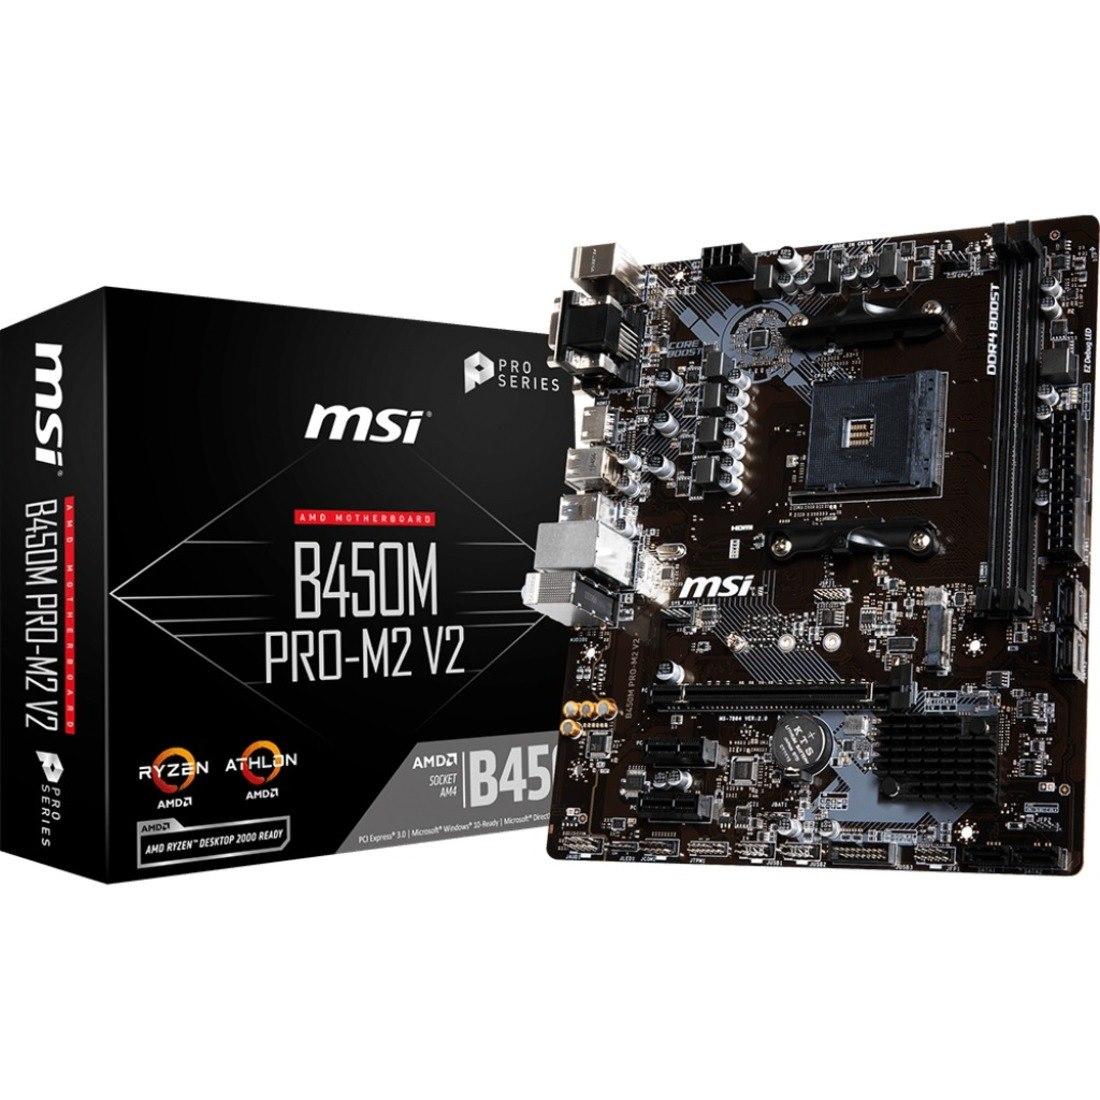 MSI B450M PRO-M2 V2 Desktop Motherboard - AMD Chipset - Socket AM4